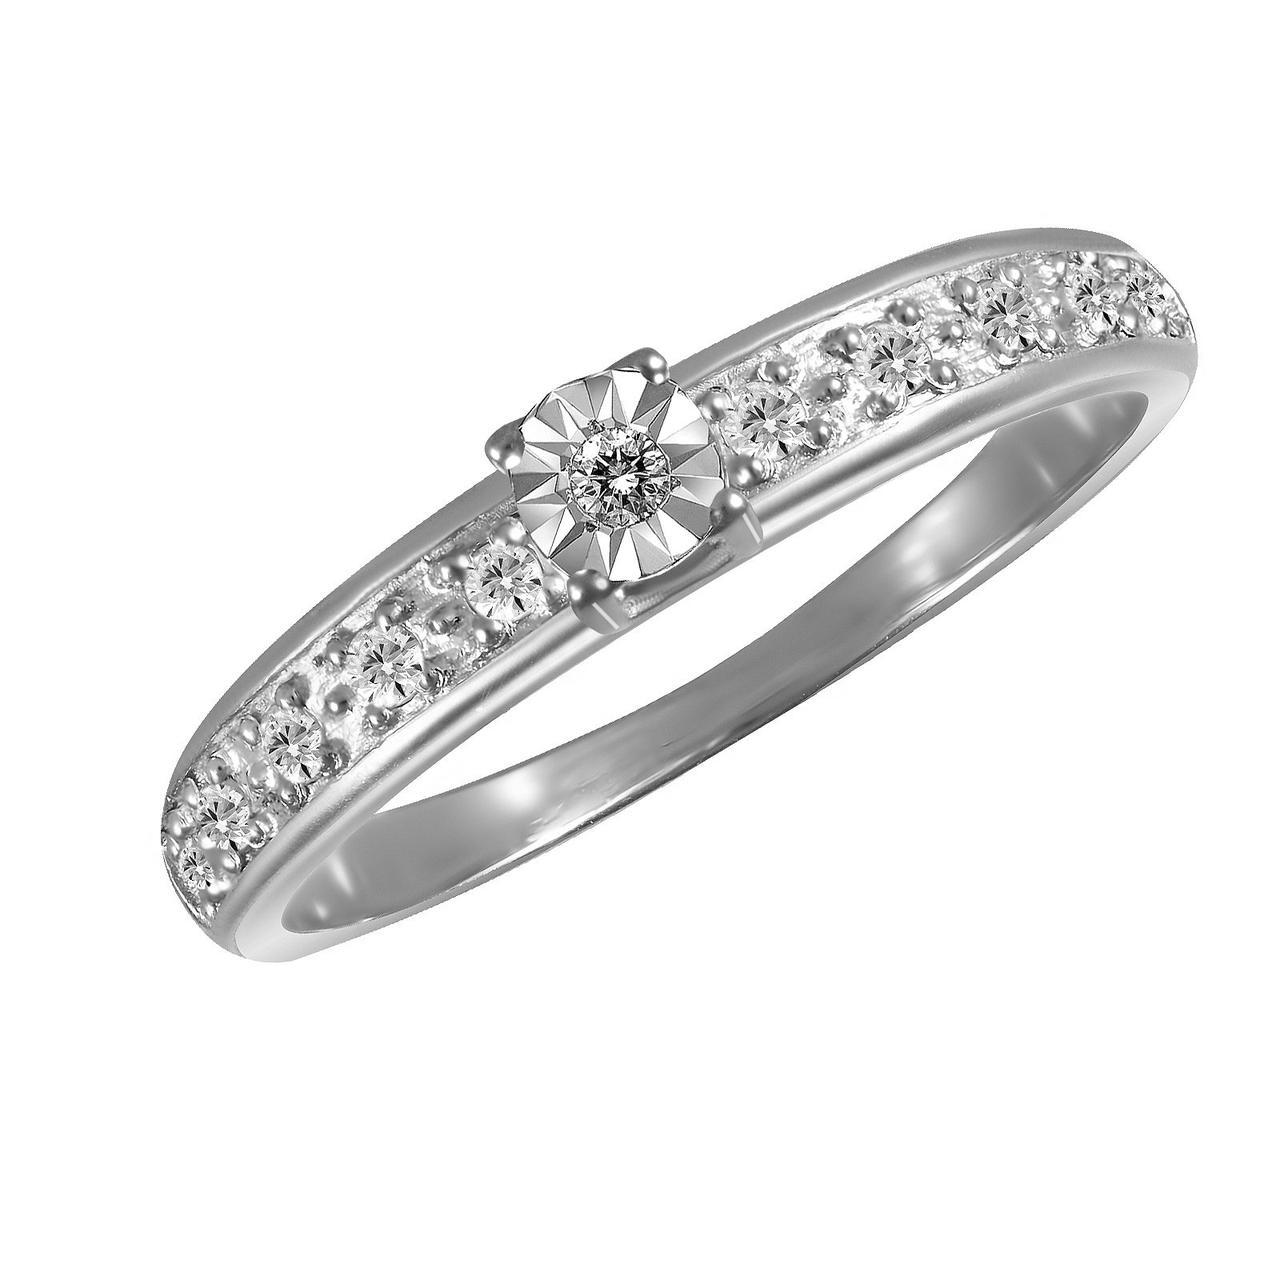 Золотое кольцо с бриллиантами, размер 15.5 (019409)